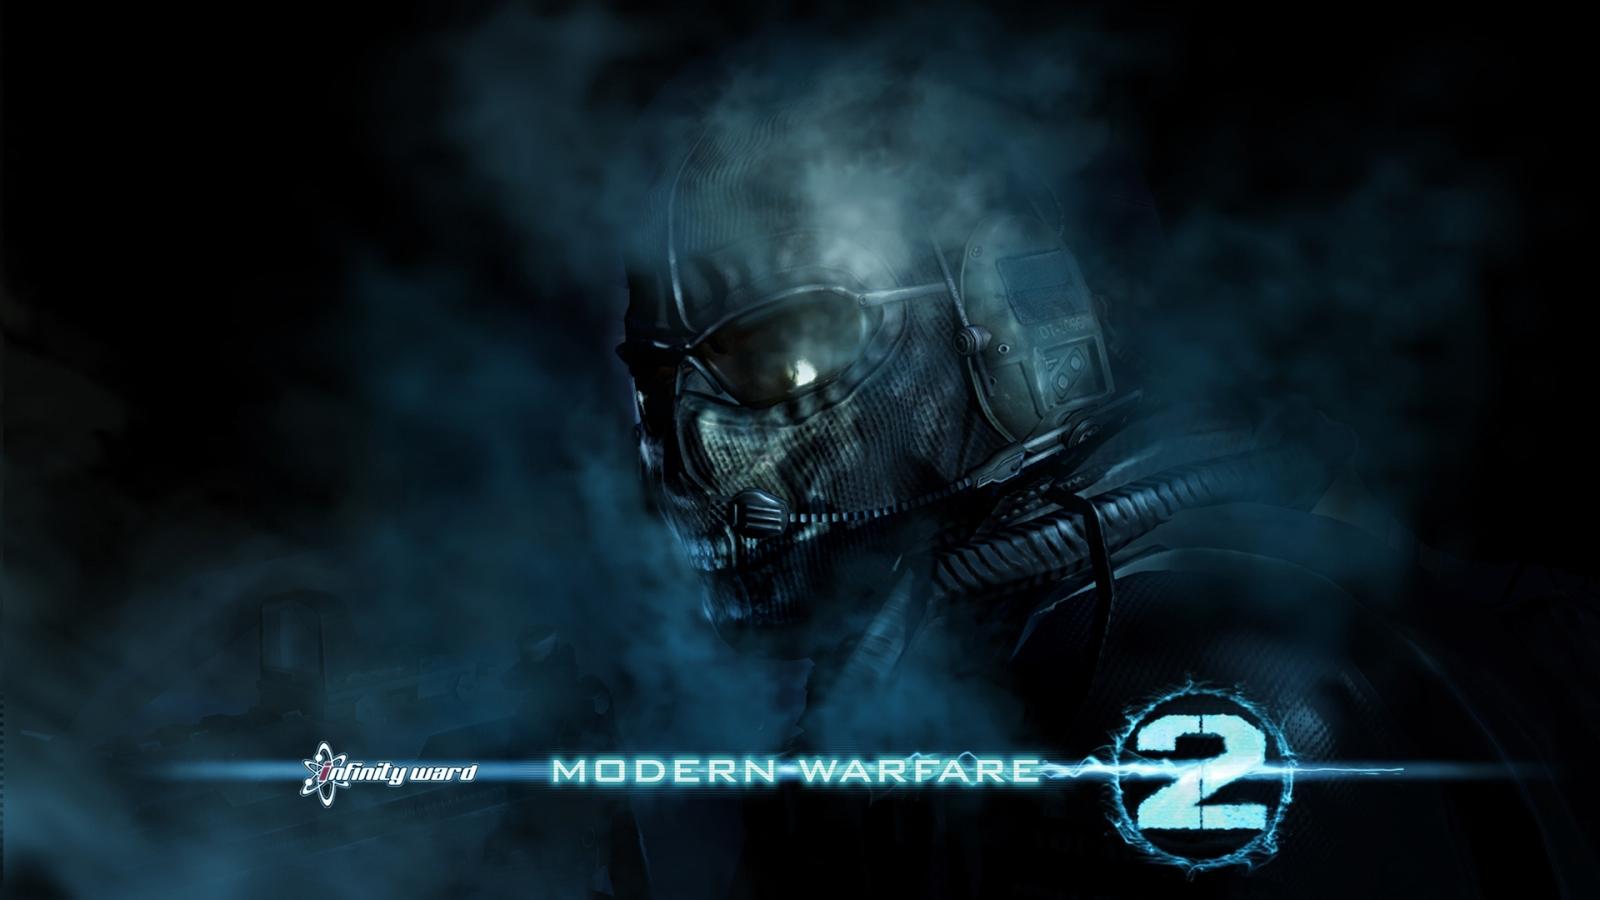 Call Of Duty Modern Warfare 2 Hd Wallpaper Wallpaperfx